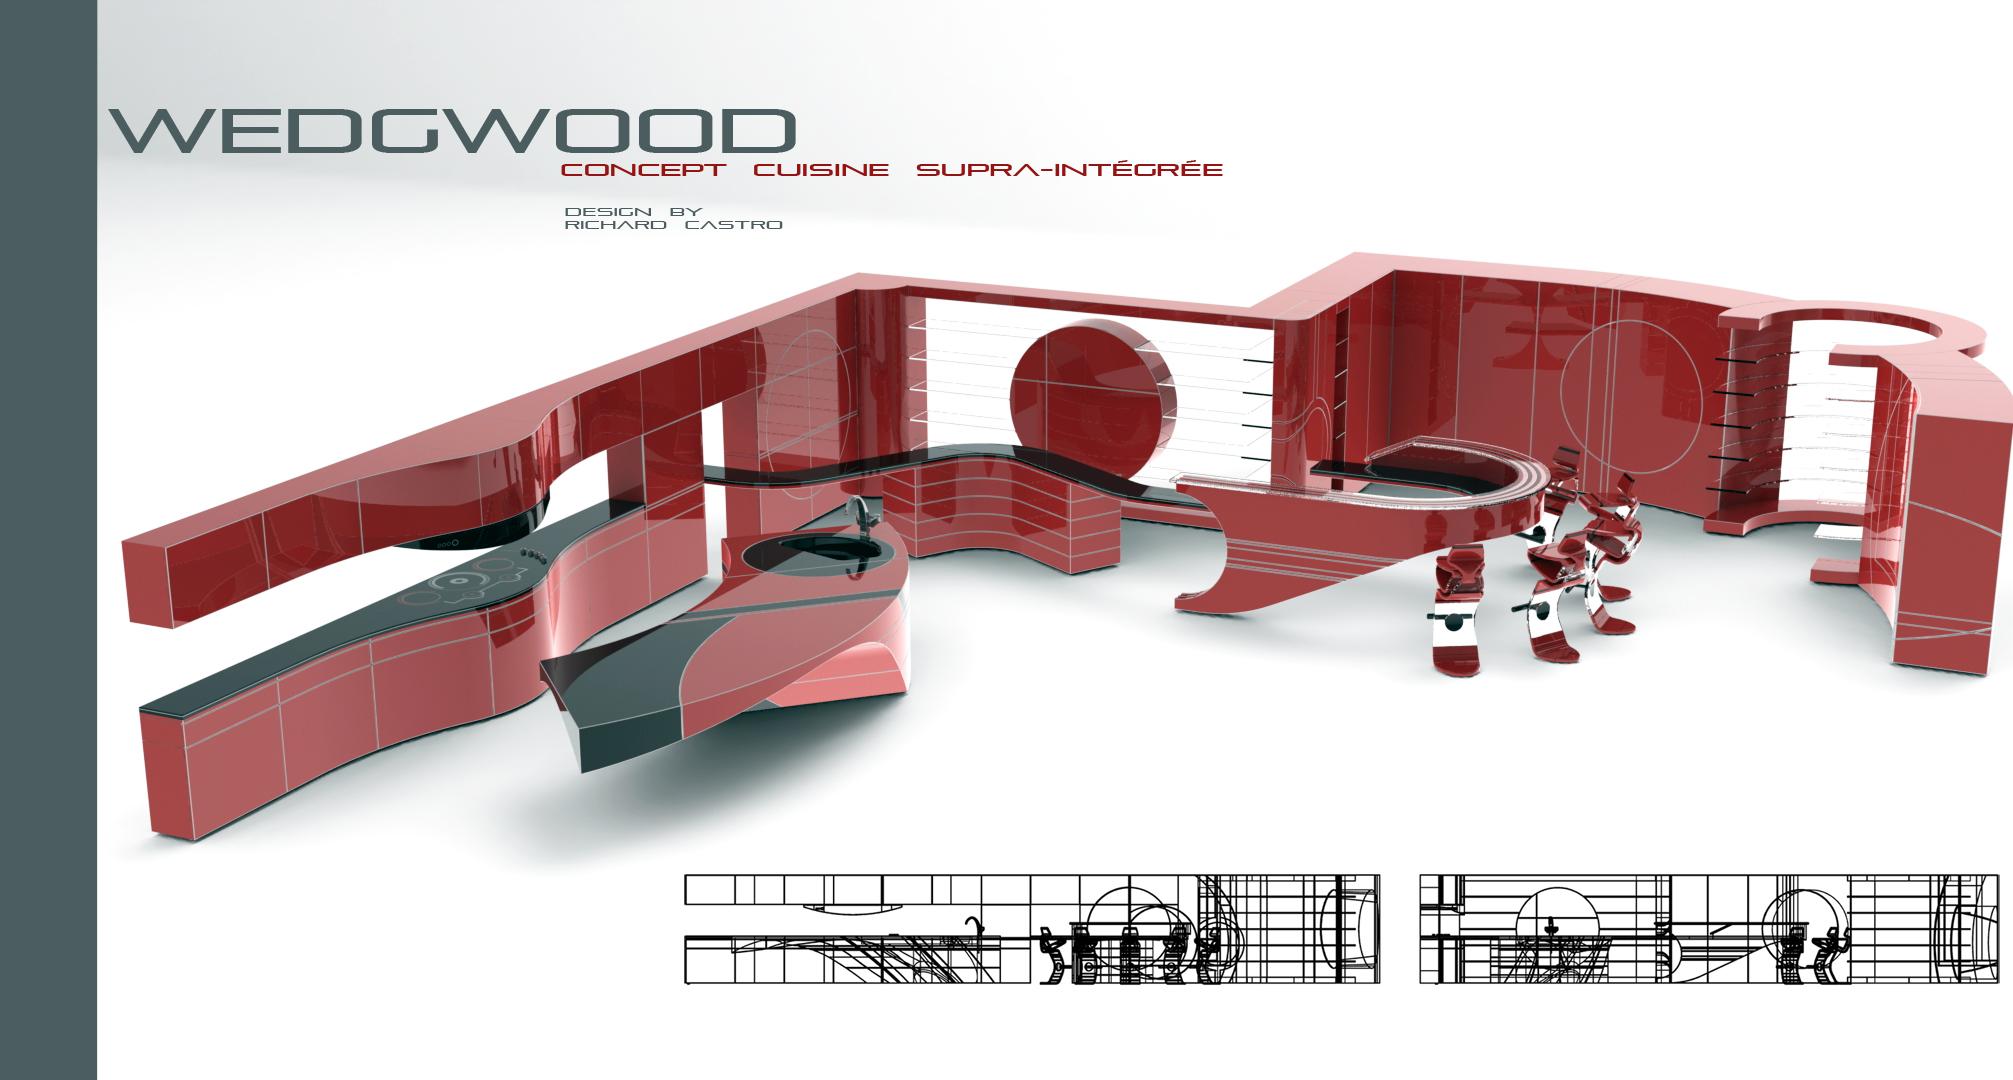 anamorphose 3d lumi re espace et cr ation richard castro concept cuisine wedgwood. Black Bedroom Furniture Sets. Home Design Ideas